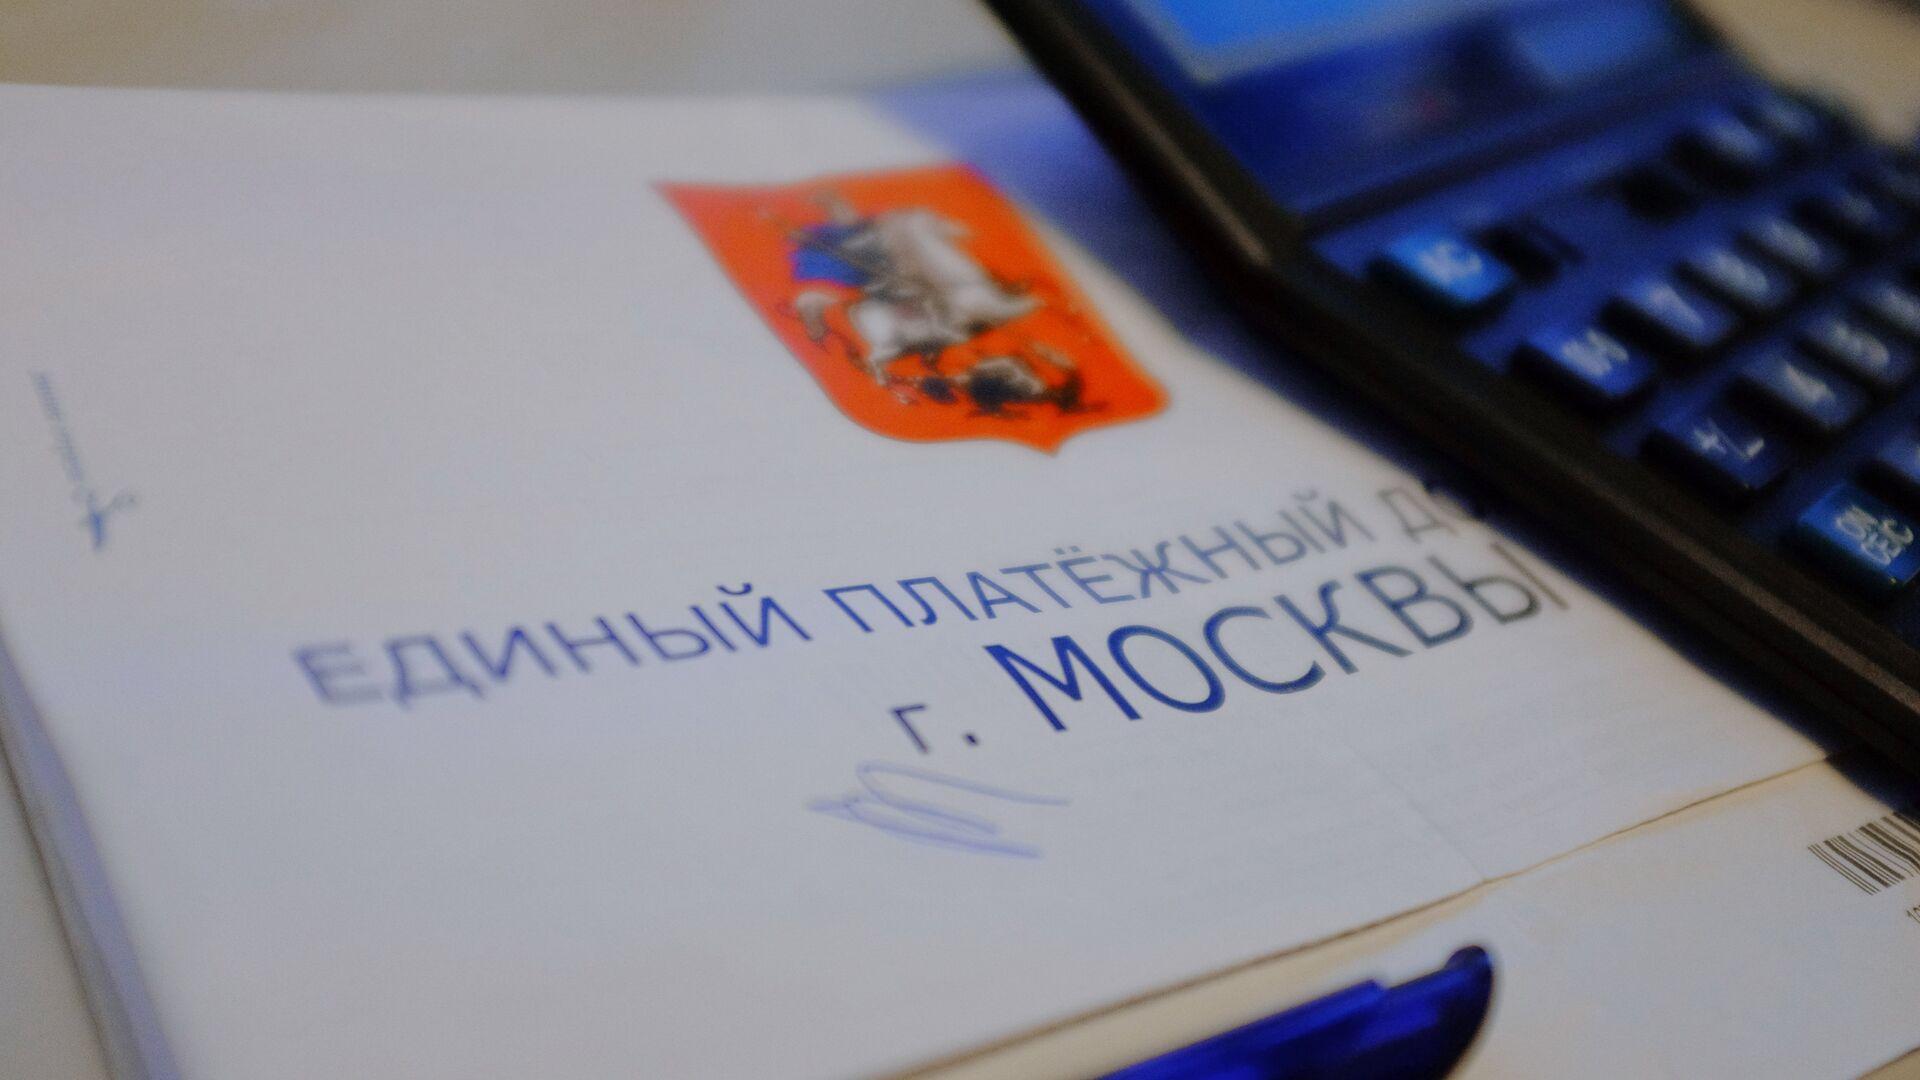 Единый платежный документ оплаты услуг ЖКХ города Москвы - РИА Новости, 1920, 25.11.2020